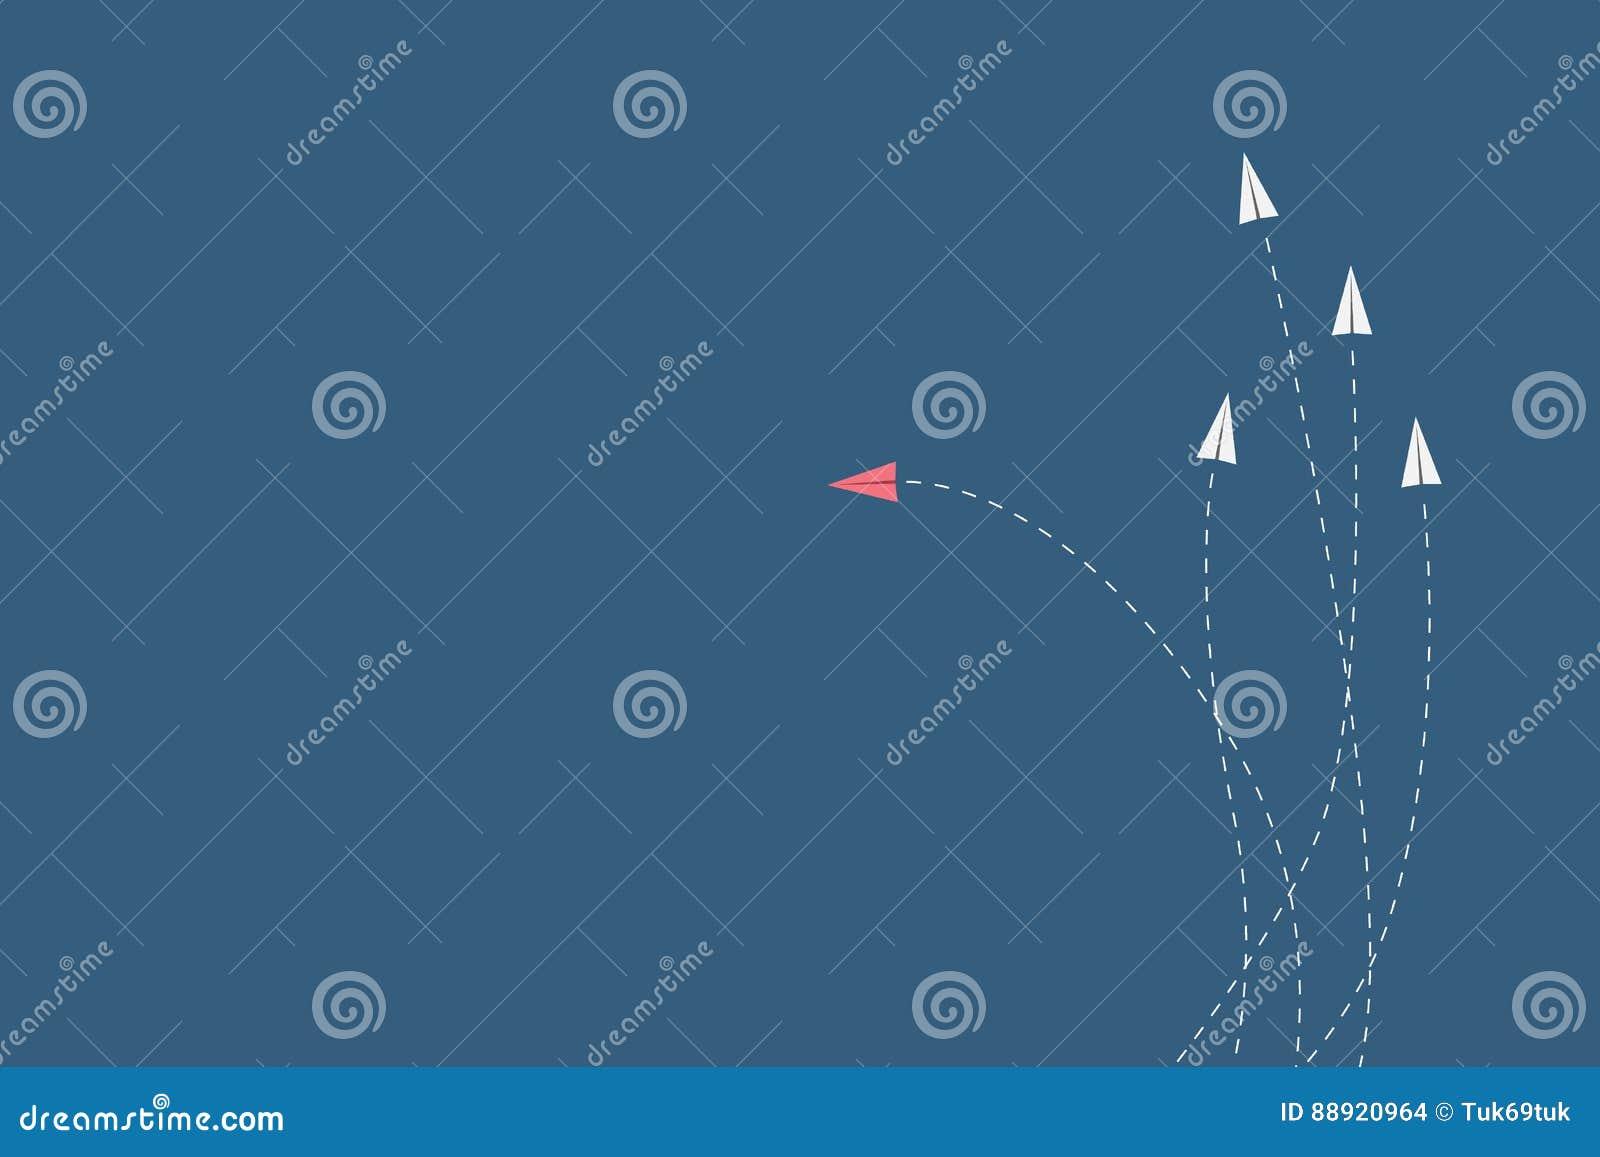 红色飞机改变的方向和白色一个 新的想法,变动,趋向,勇气,创造性的解答,创新a